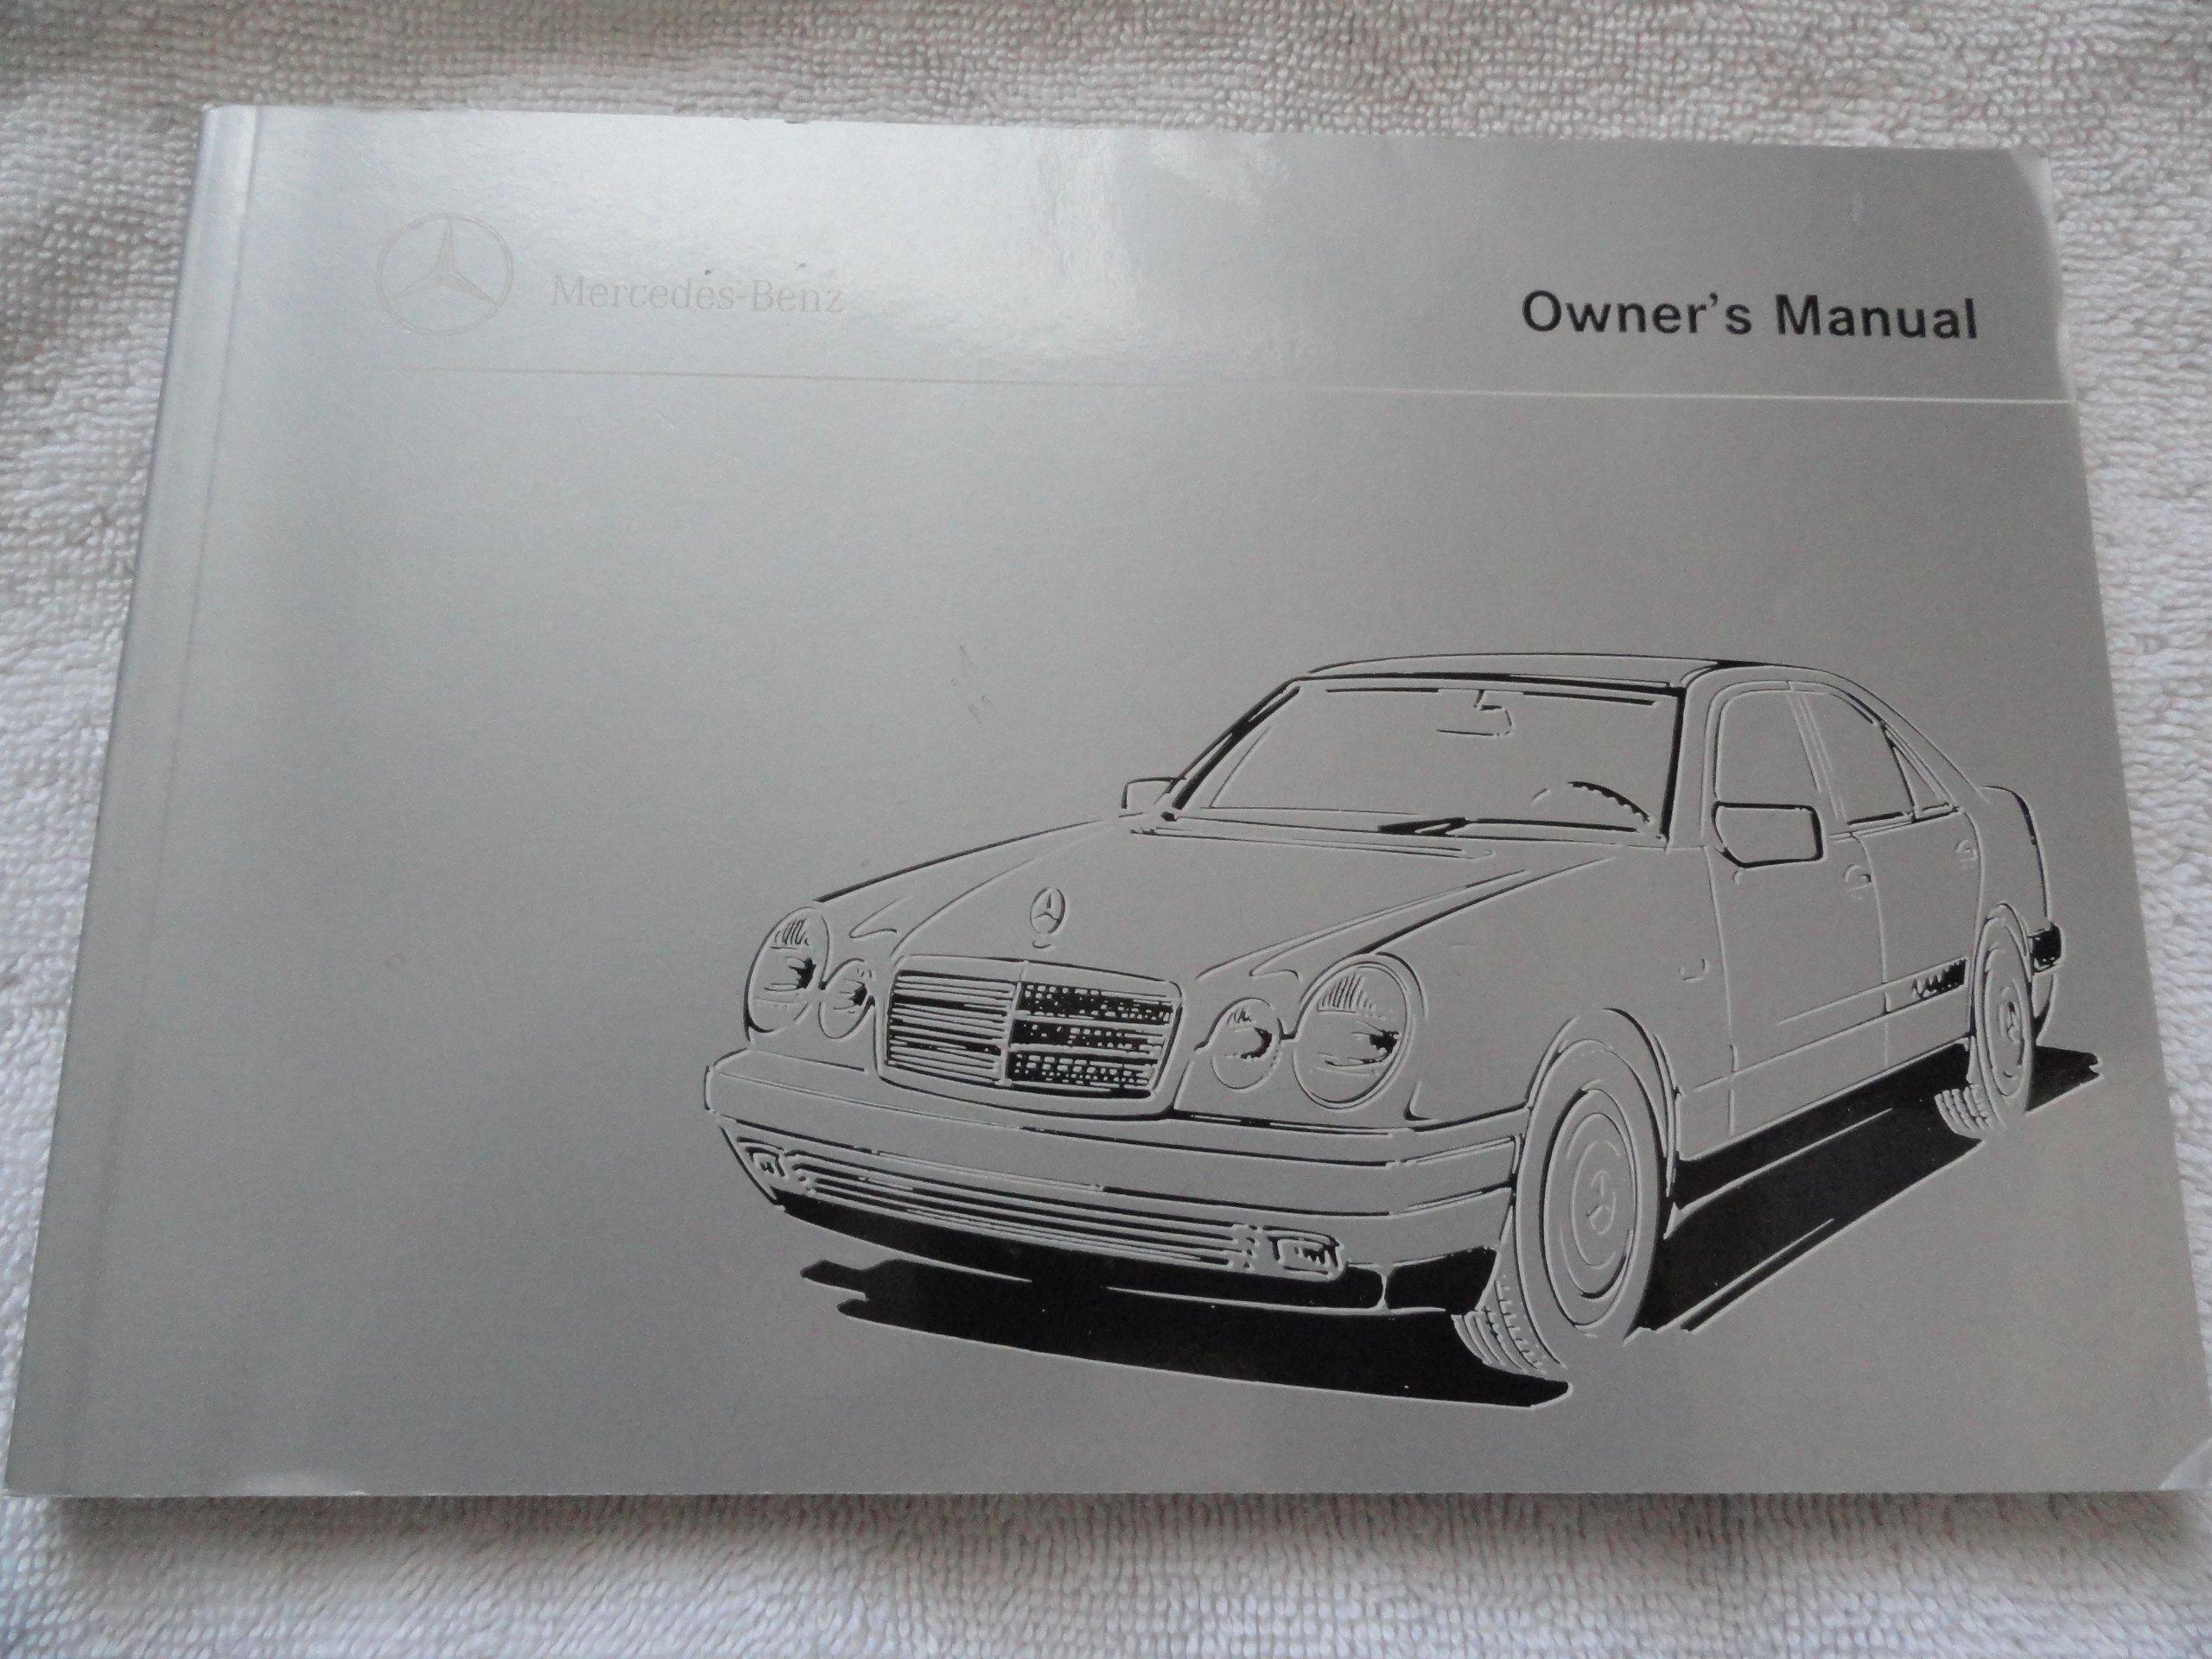 1999 Mercedes E300 Turbo Diesel / E320 / E430 / E55 AMG Owners Manual: Mercedes: Amazon.com: Books